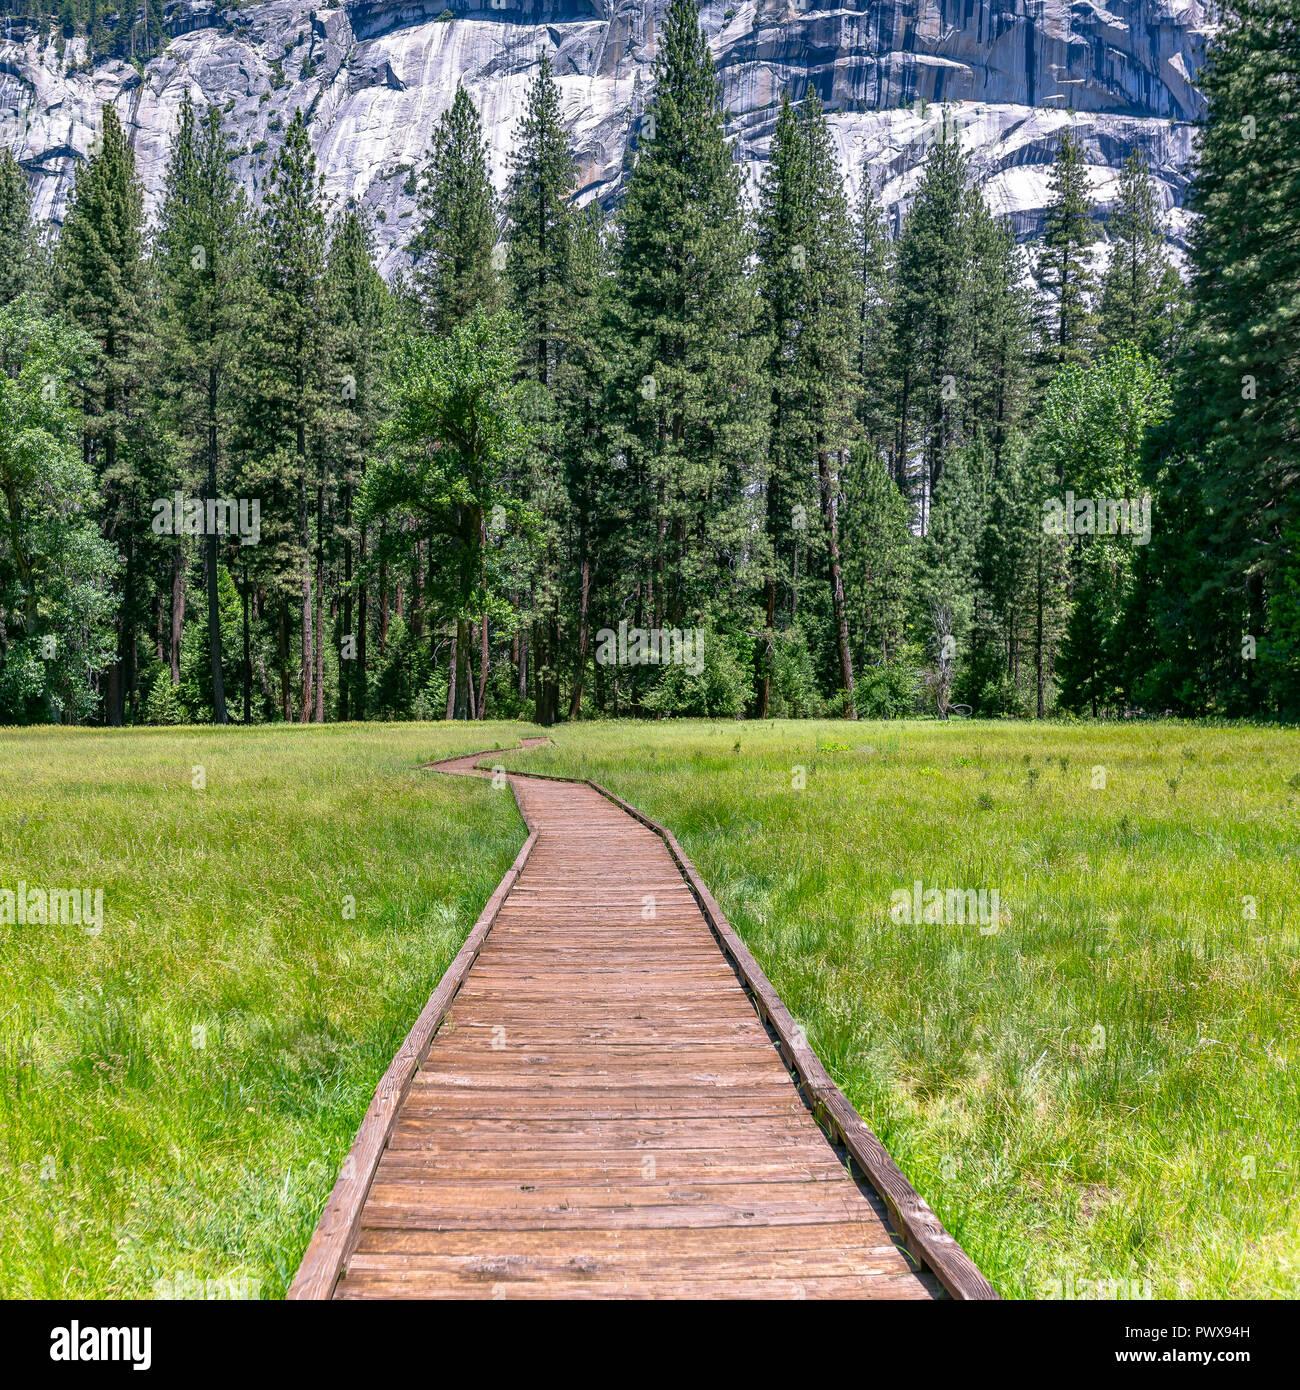 Chemin en bois sur un terrain herbeux à Yosemite CA Photo Stock